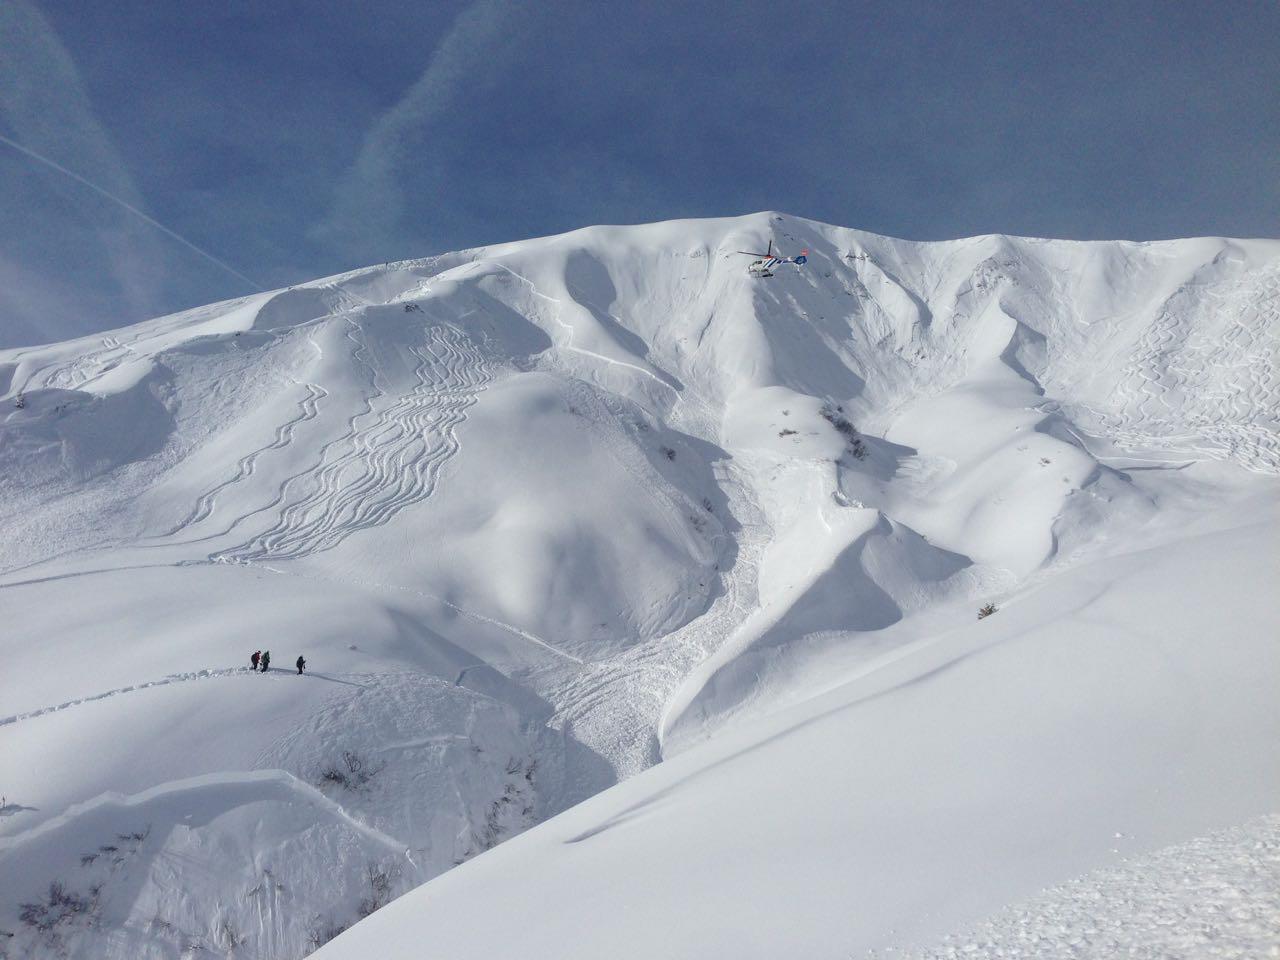 Glimpflich Schneebrettabgang oberhalb von Stuben. (Themenbild)